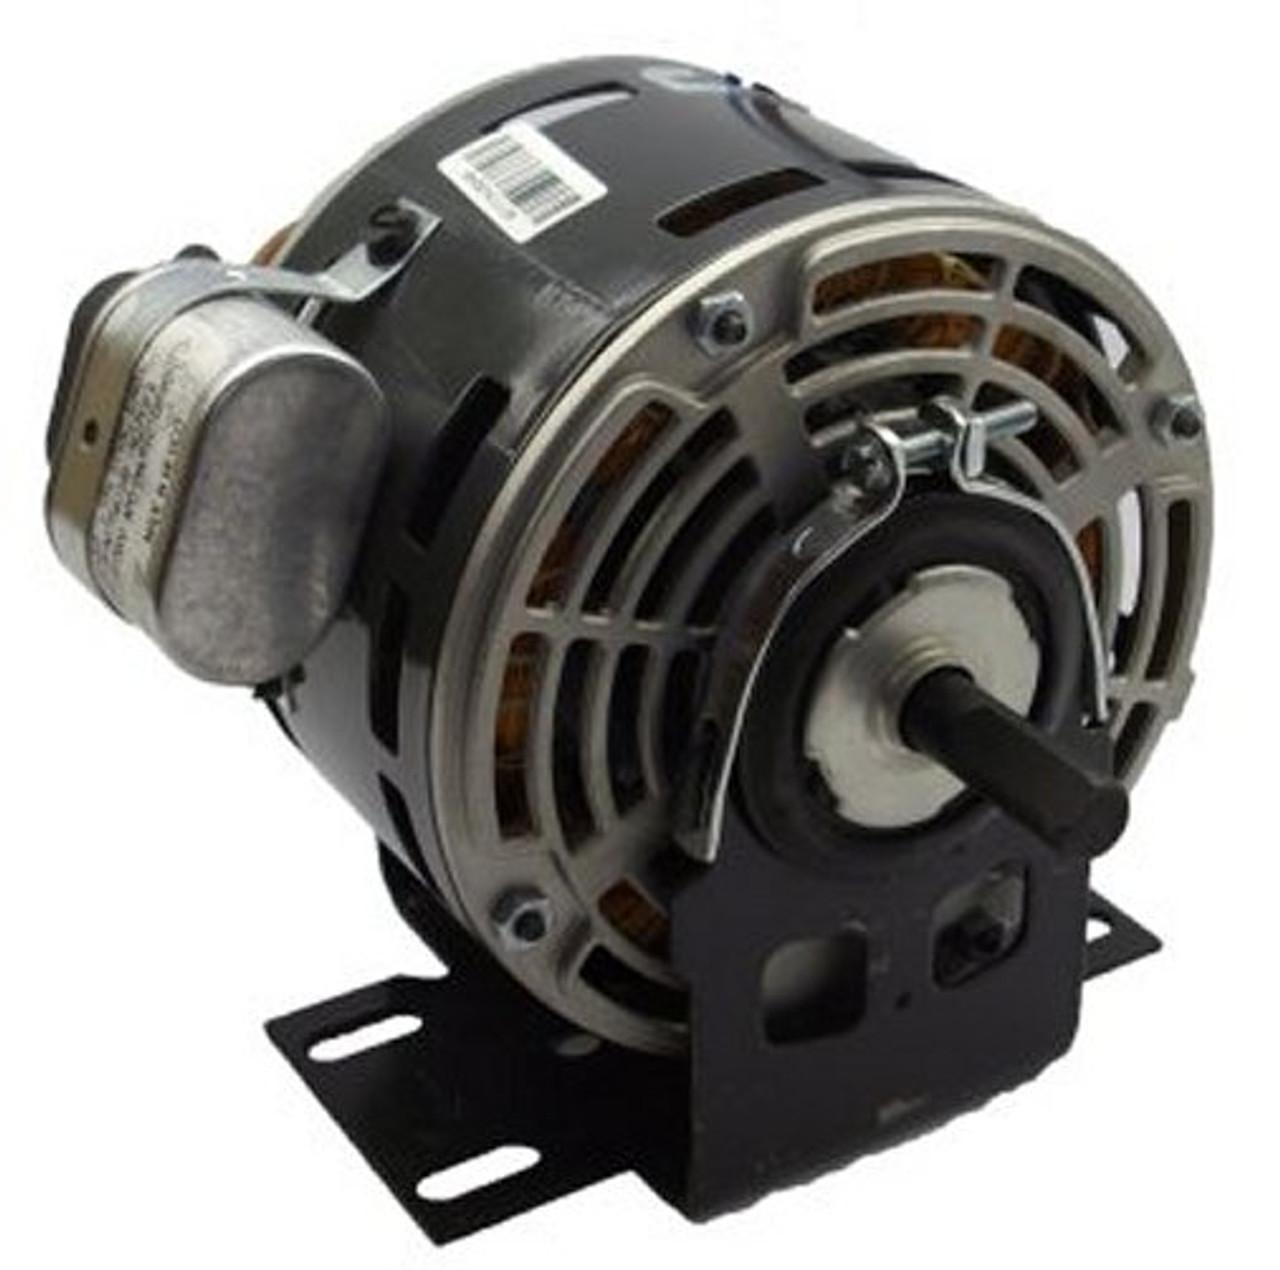 Dayton QMark Fan Motor For Dayton Unit Heater 1550 RPM 208-240 # 3900-2008-000 A